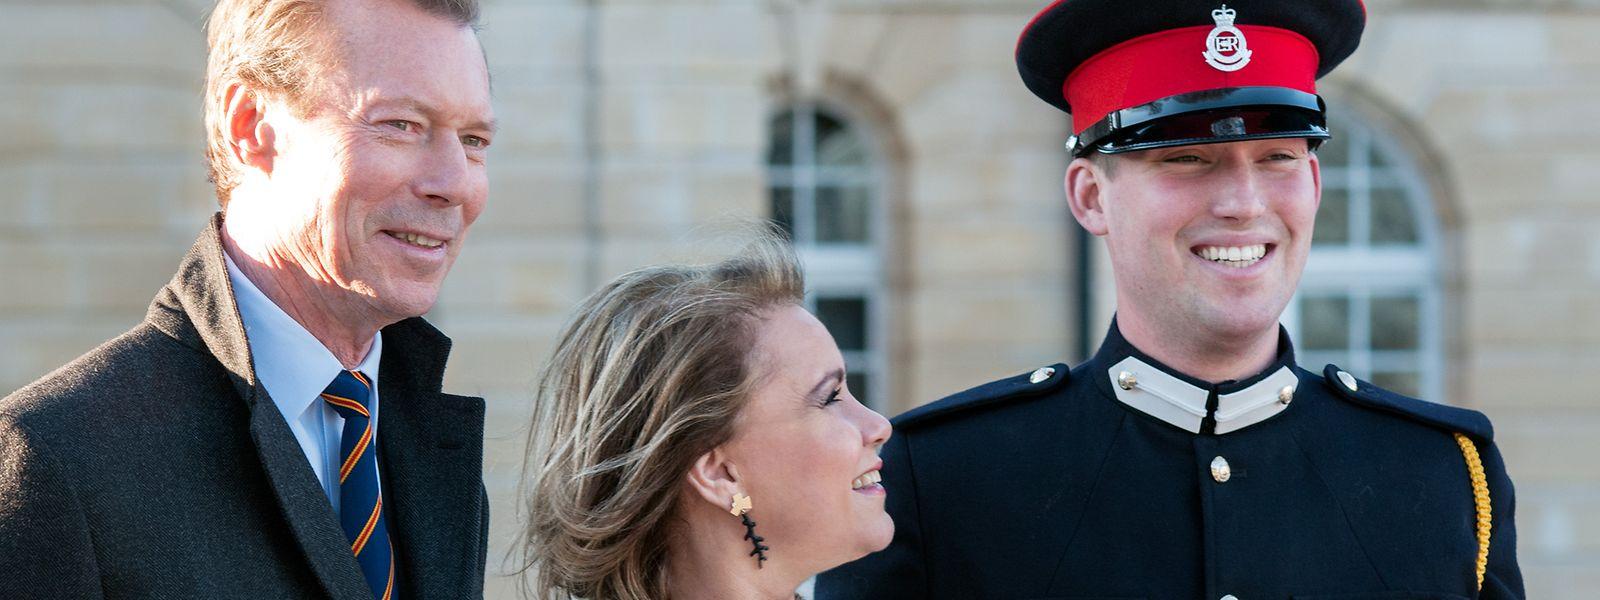 2017 zu Besuch in Sandhurst: Großherzog Henri und Großherzogin Maria Teresa beglückwünschen ihren Sohn, Prinz Sébastien, zum erfolgreichen Abschluss der Militärakademie in Sandhurst